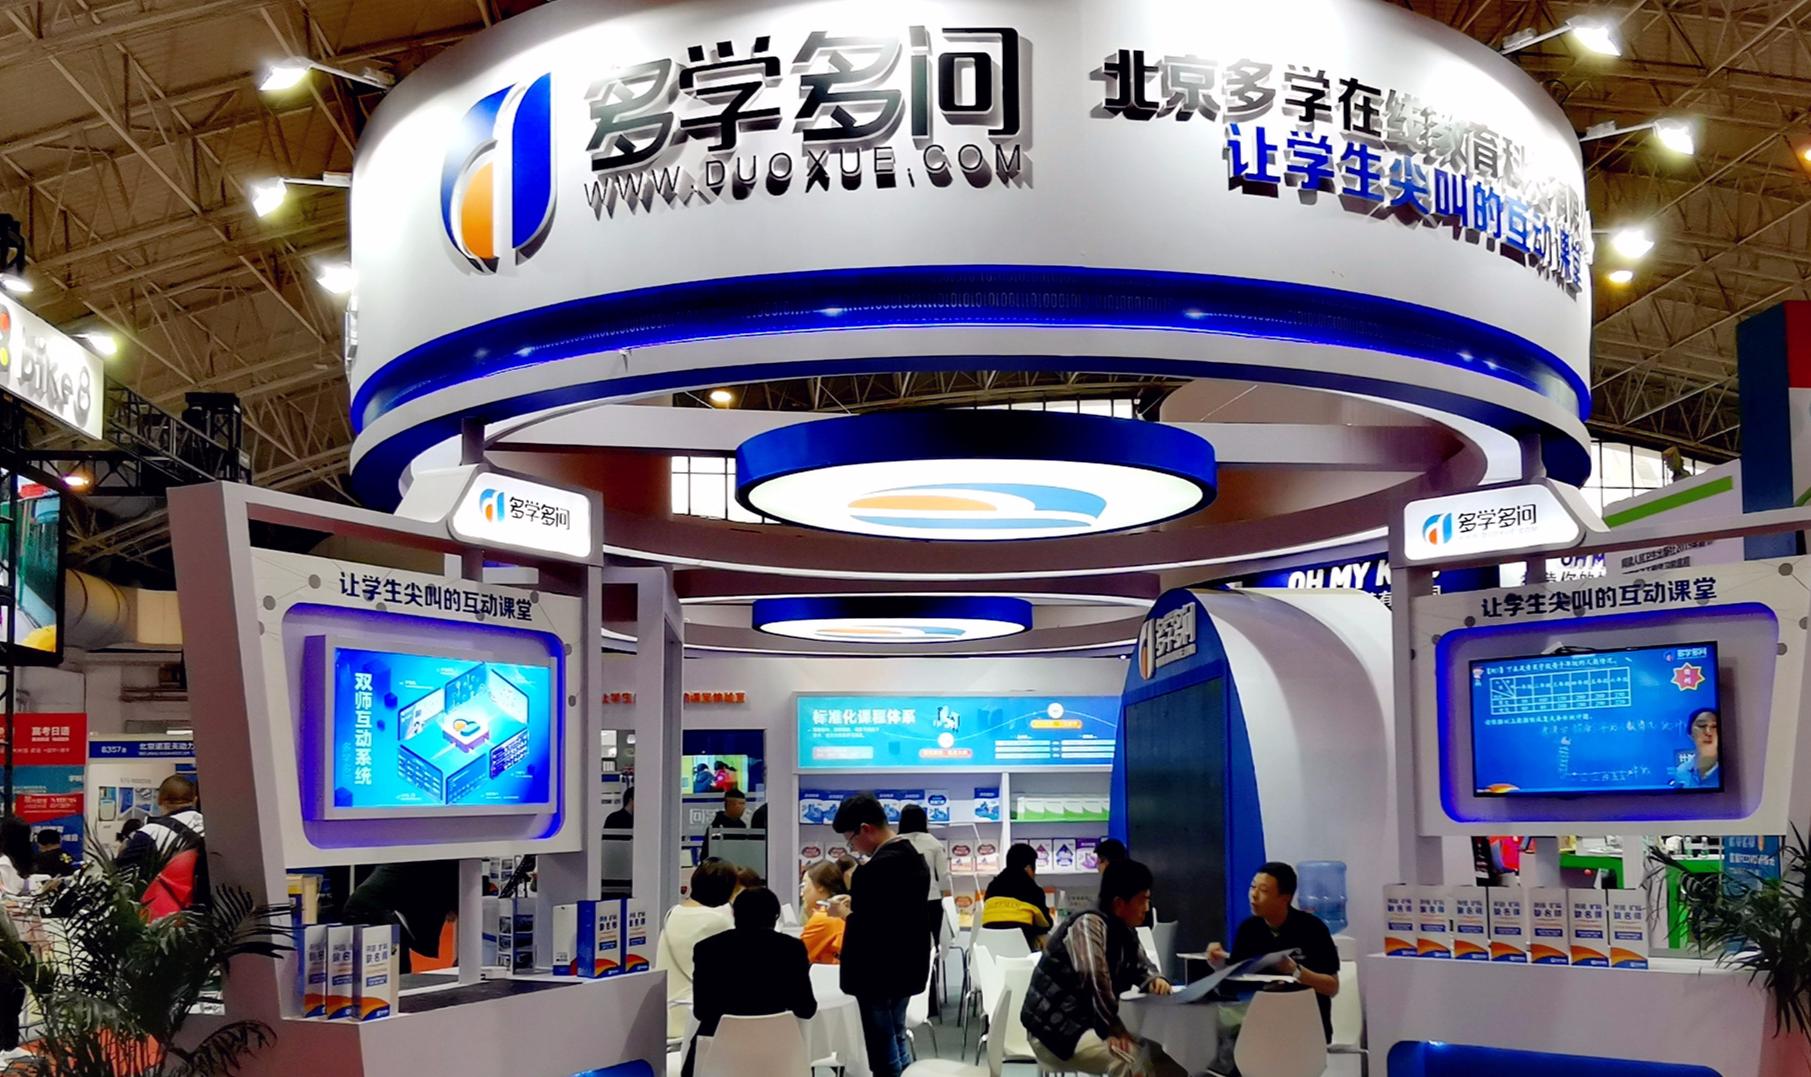 多学多问双师课堂受邀参加第九届中国国际智慧教育创新产品展览会